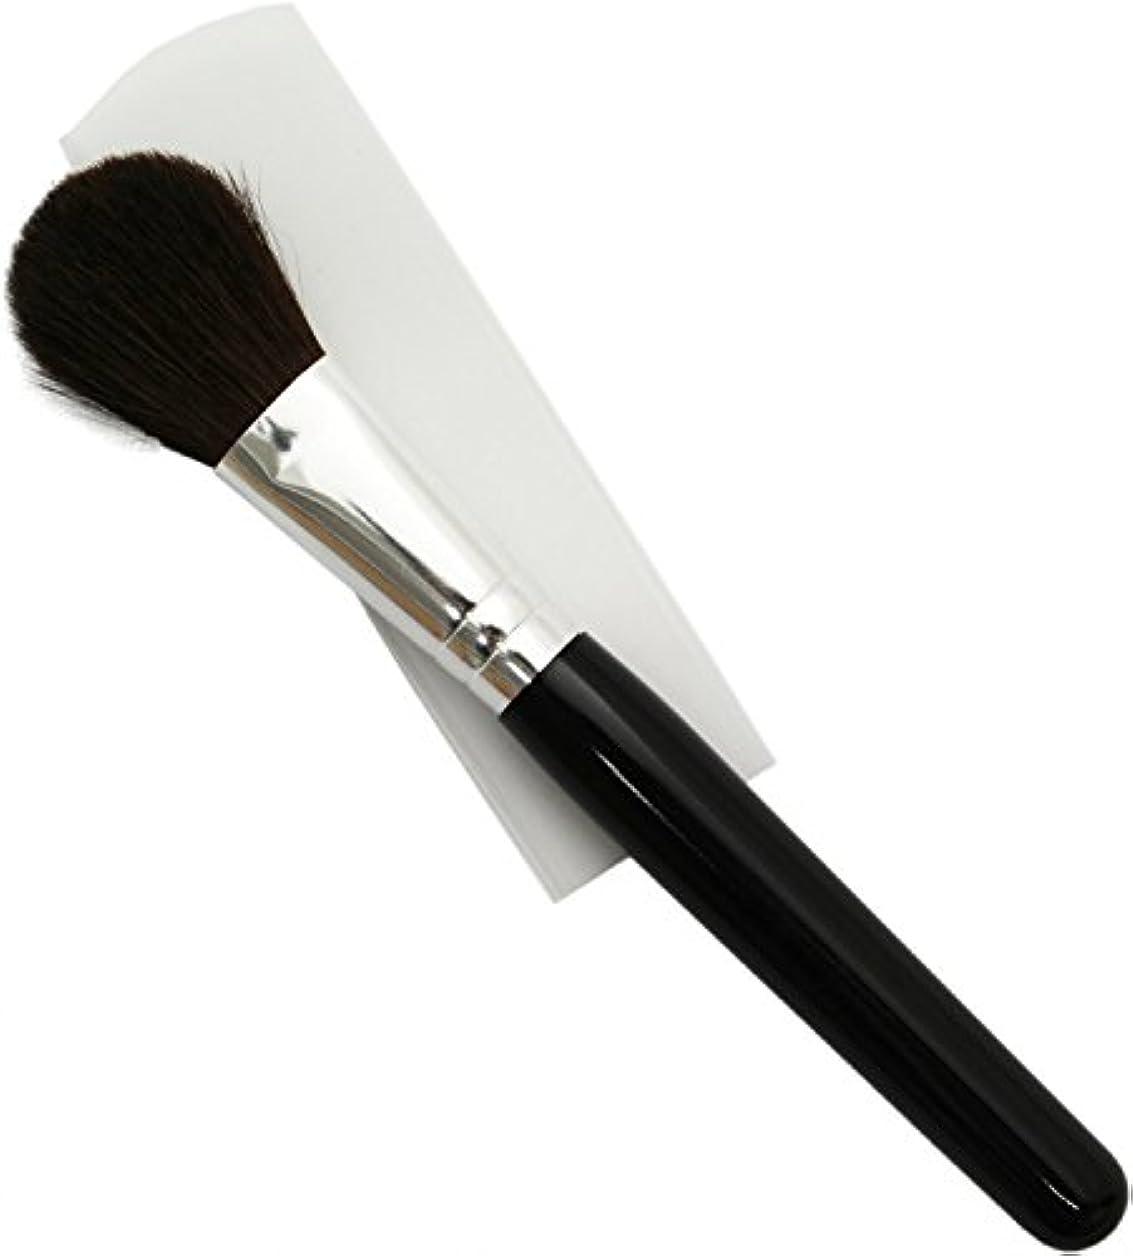 伝染性の排他的官僚熊野筆 メイクブラシ KUシリーズ チークブラシ 小 馬毛